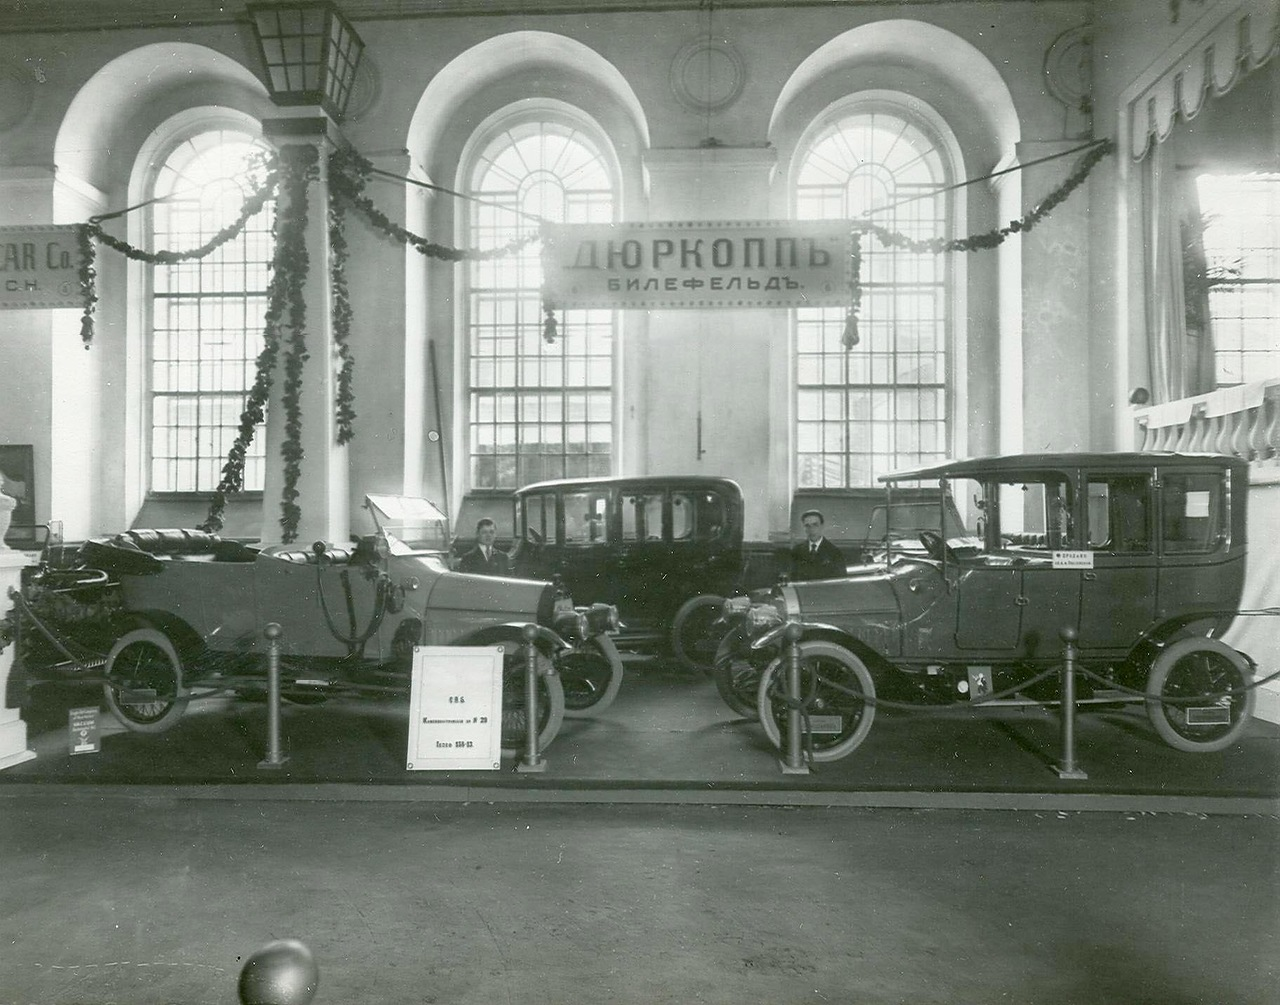 0_a942d_7032e35d_XXXLАвтомобили фирмы Дюркопп - экспонаты выставки.